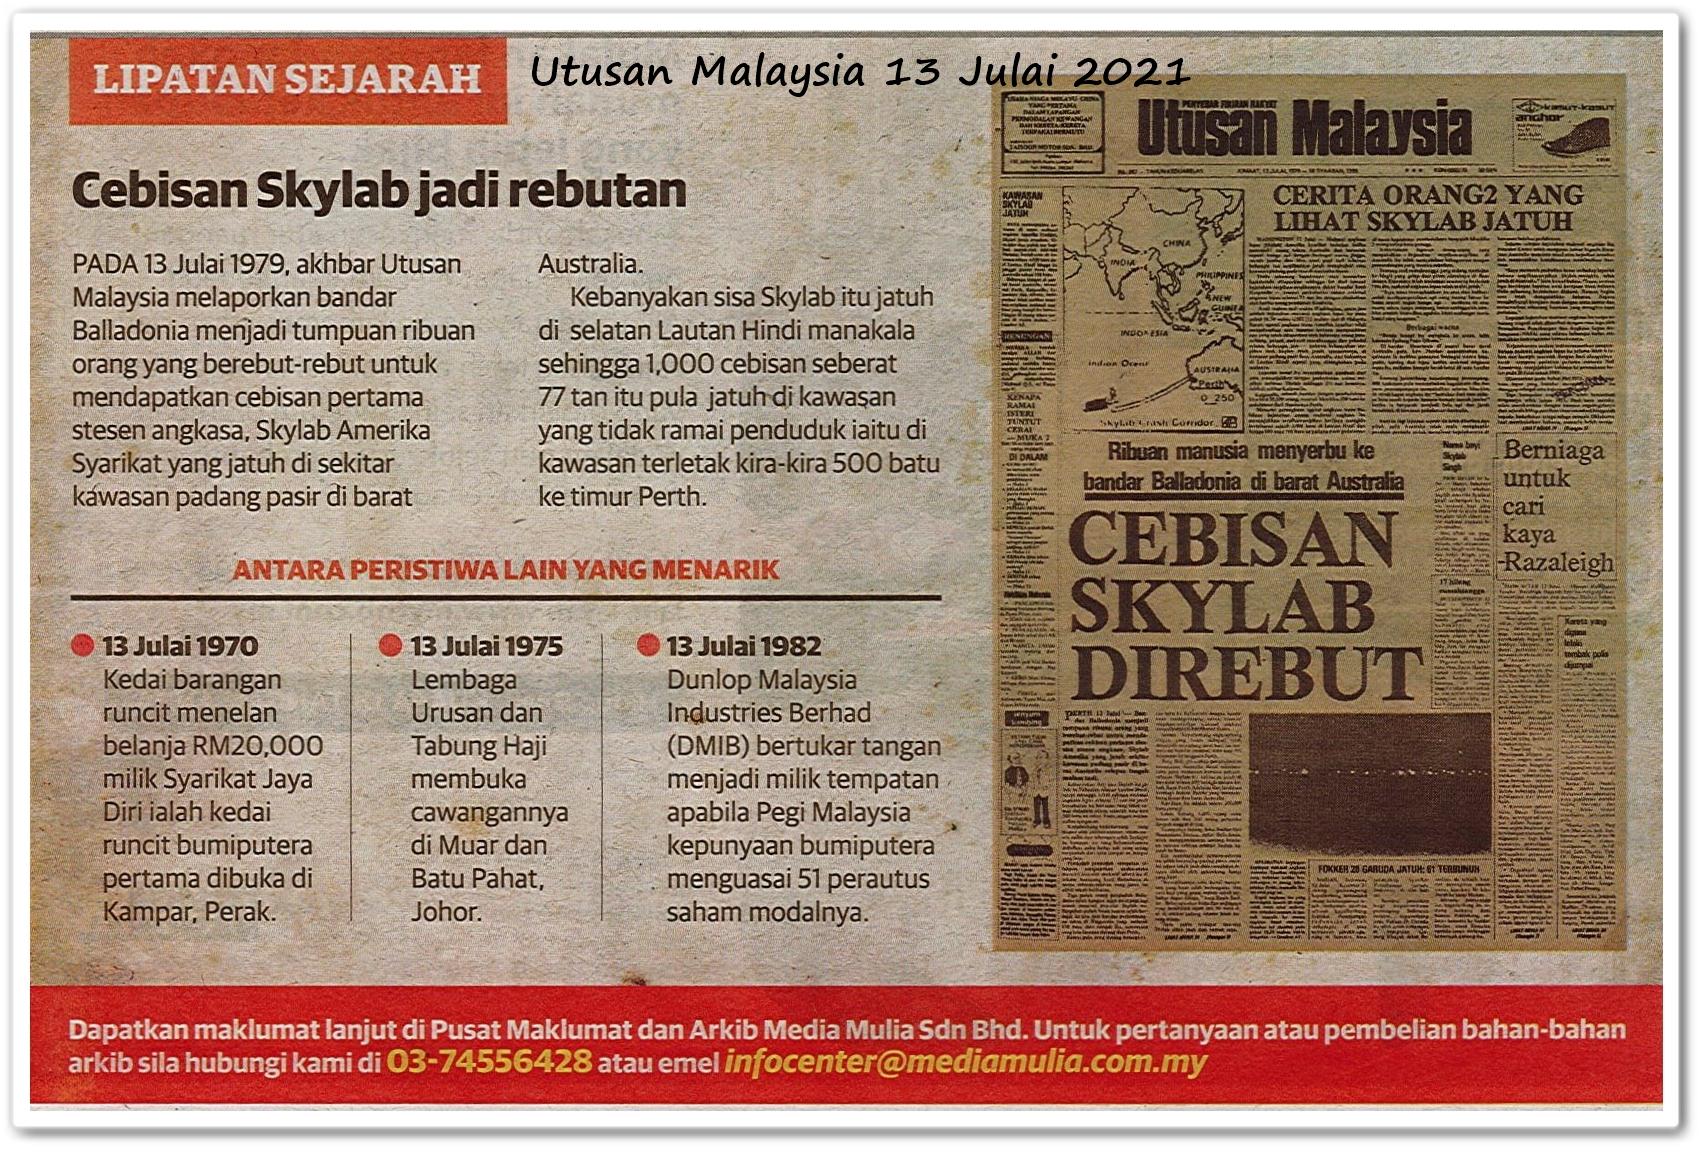 Lipatan sejarah 13 Julai - Keratan akhbar Utusan Malaysia 13 Julai 2021